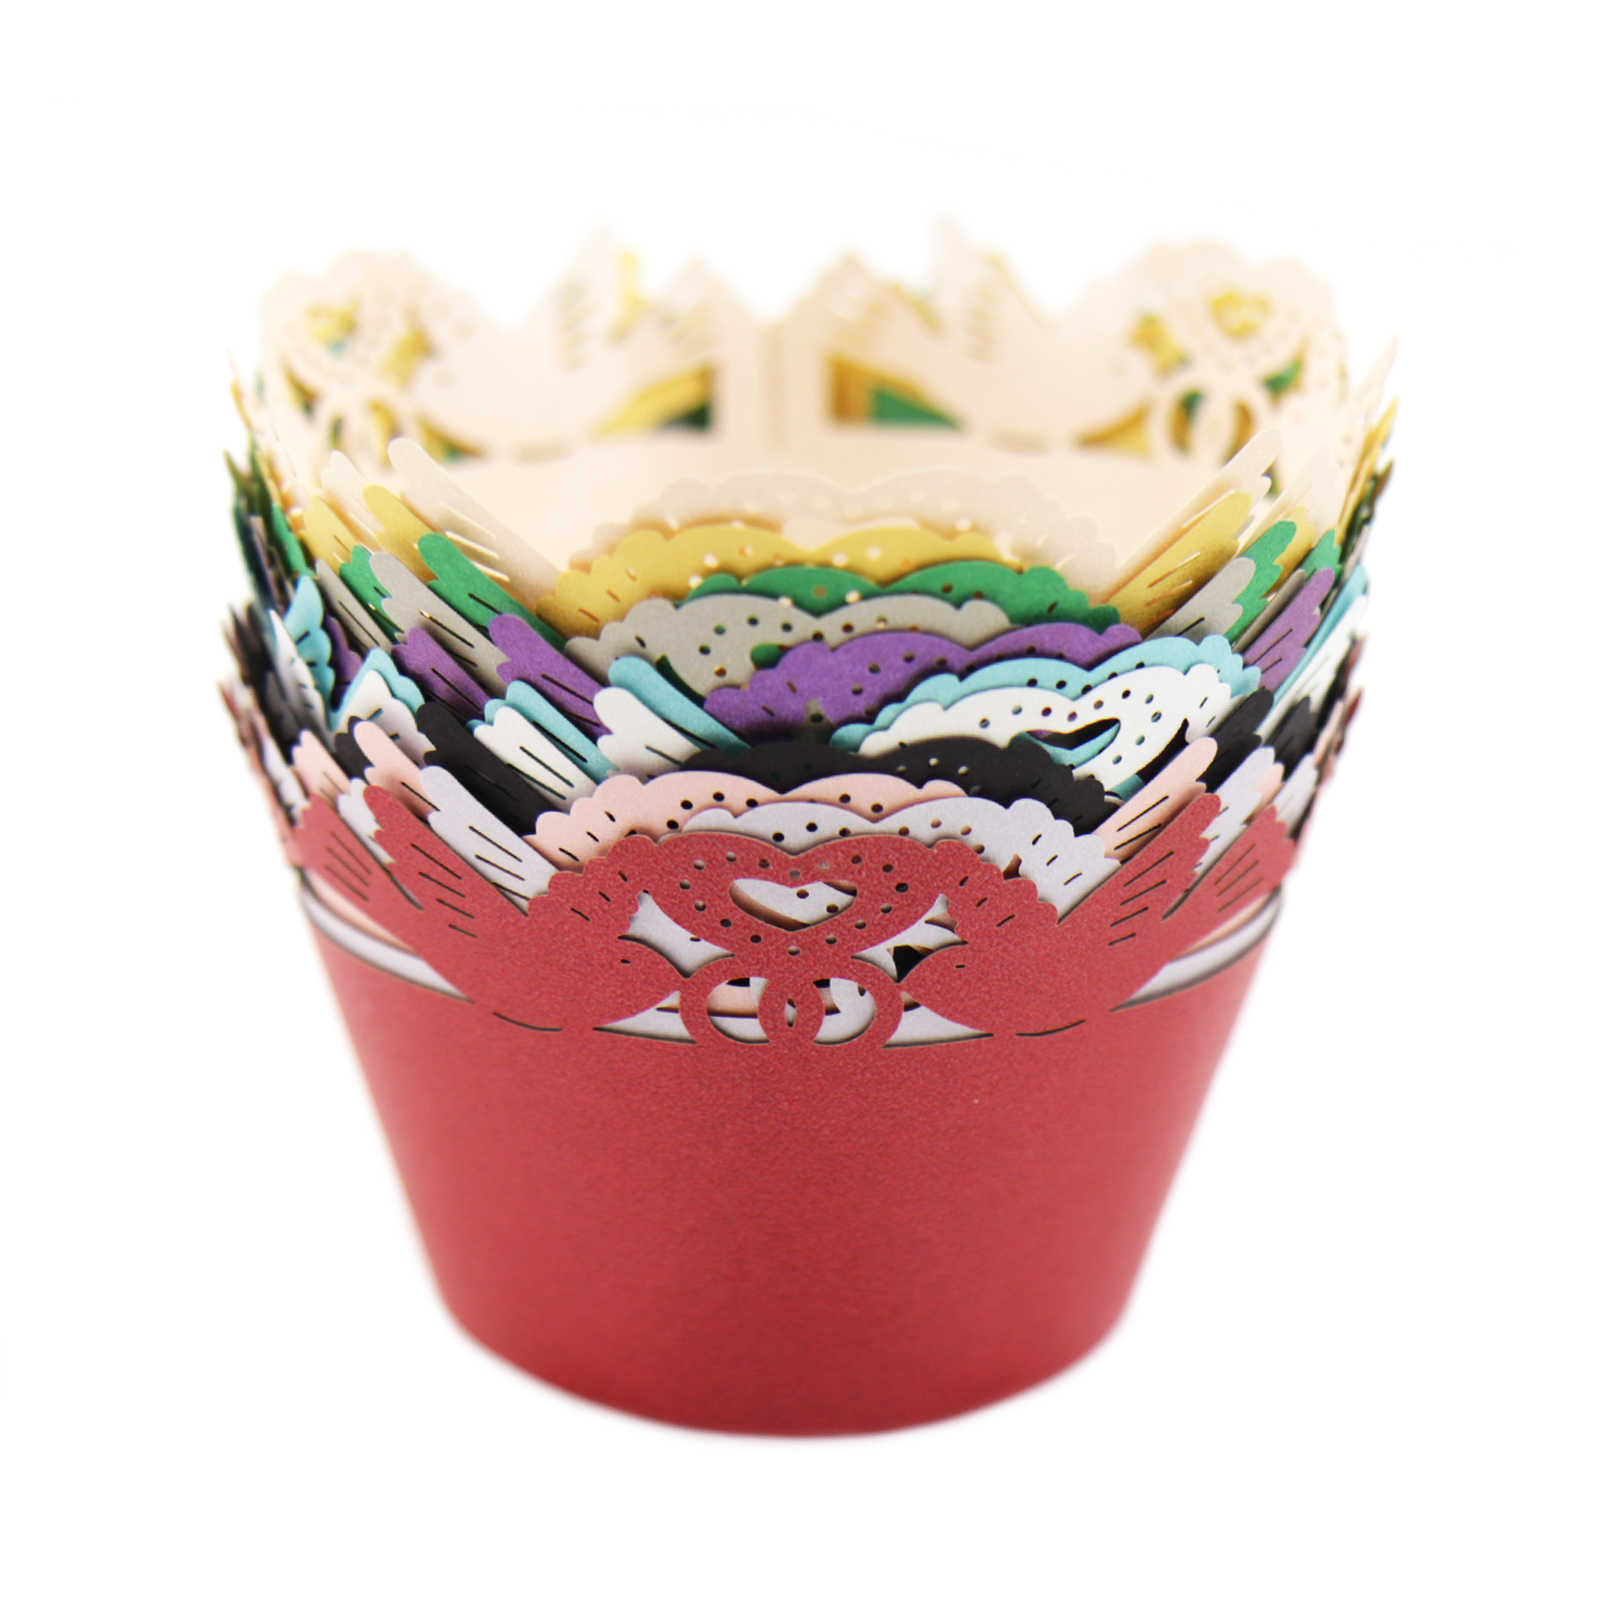 """12 шт./лот полые бумага """"Принцесса"""" чашка для именинного пирога кружевная бумага лазерная резка праздничный Декор обертки обертывания упаковка для капкейков"""